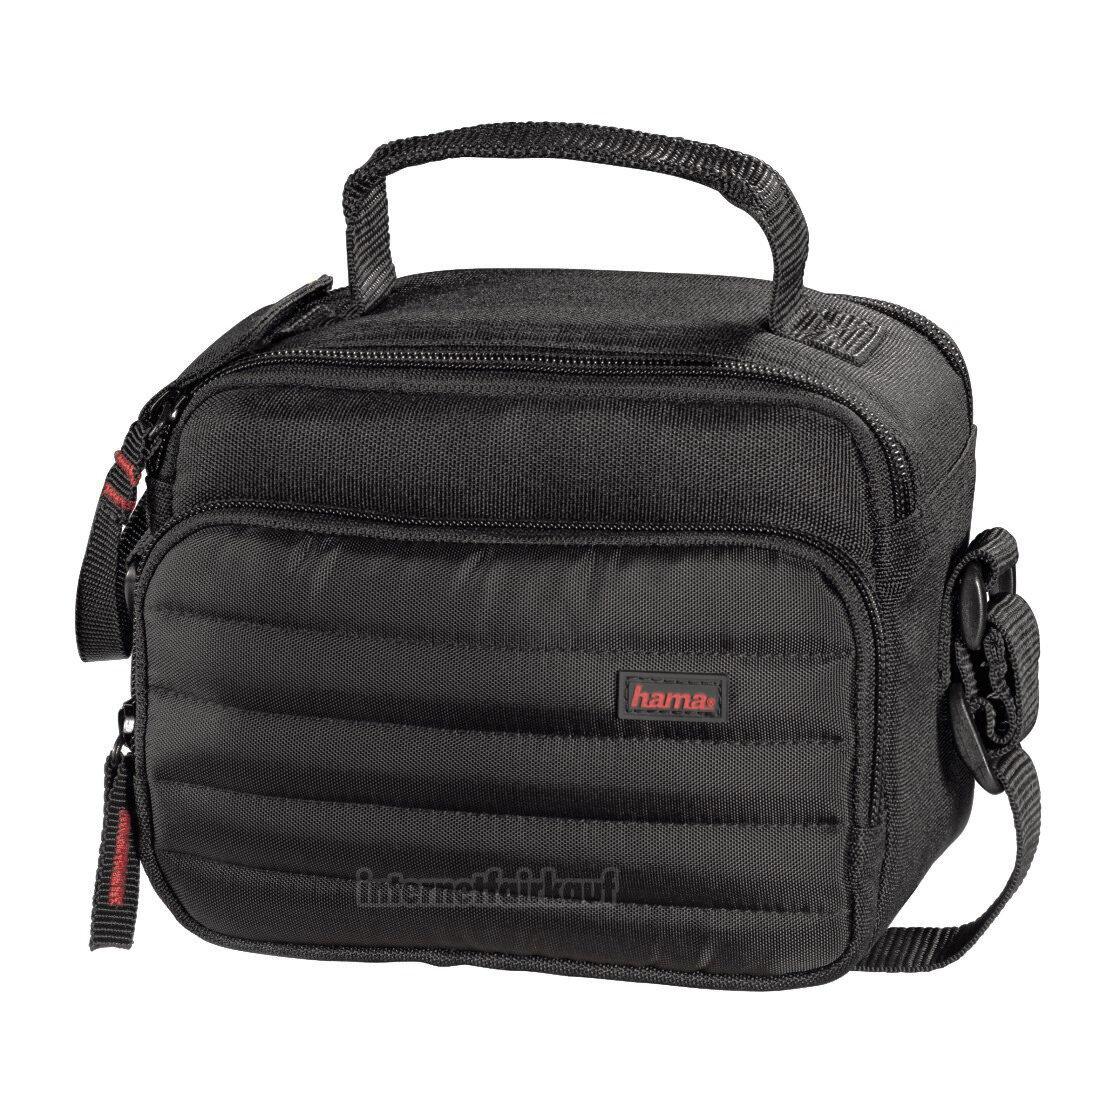 Tasche Fototasche passend für Fuji Fujifilm X-T100 und 15-45mm Objektiv